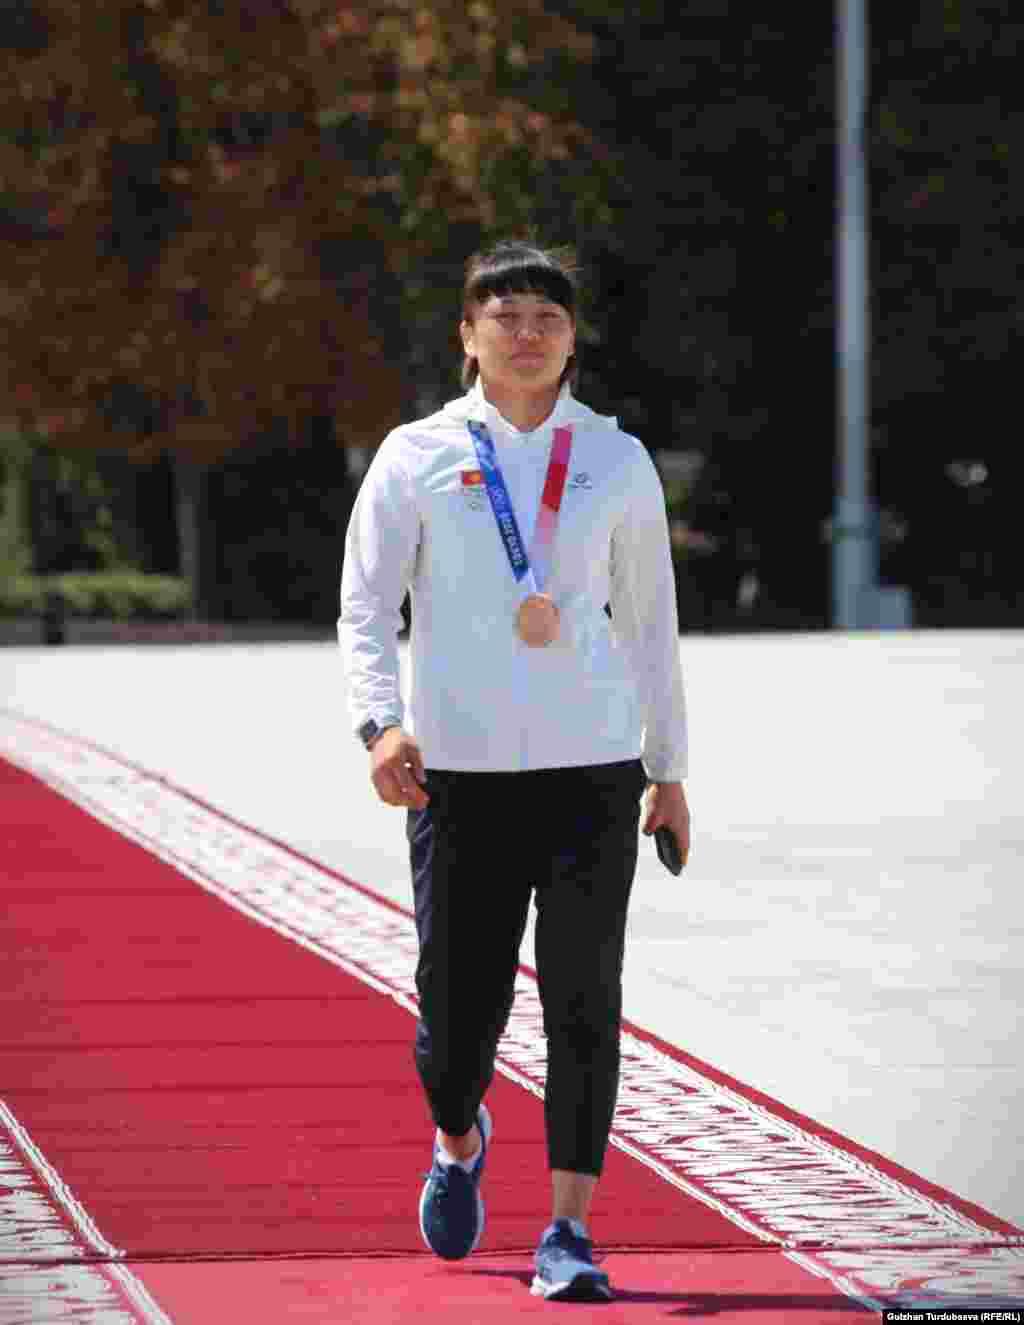 Токио Олимп оюндарында кыз-келиндер күрөшүнөн коло байге уткан Мээрим Жуманазарова эл алдына чыгып келет жатат.